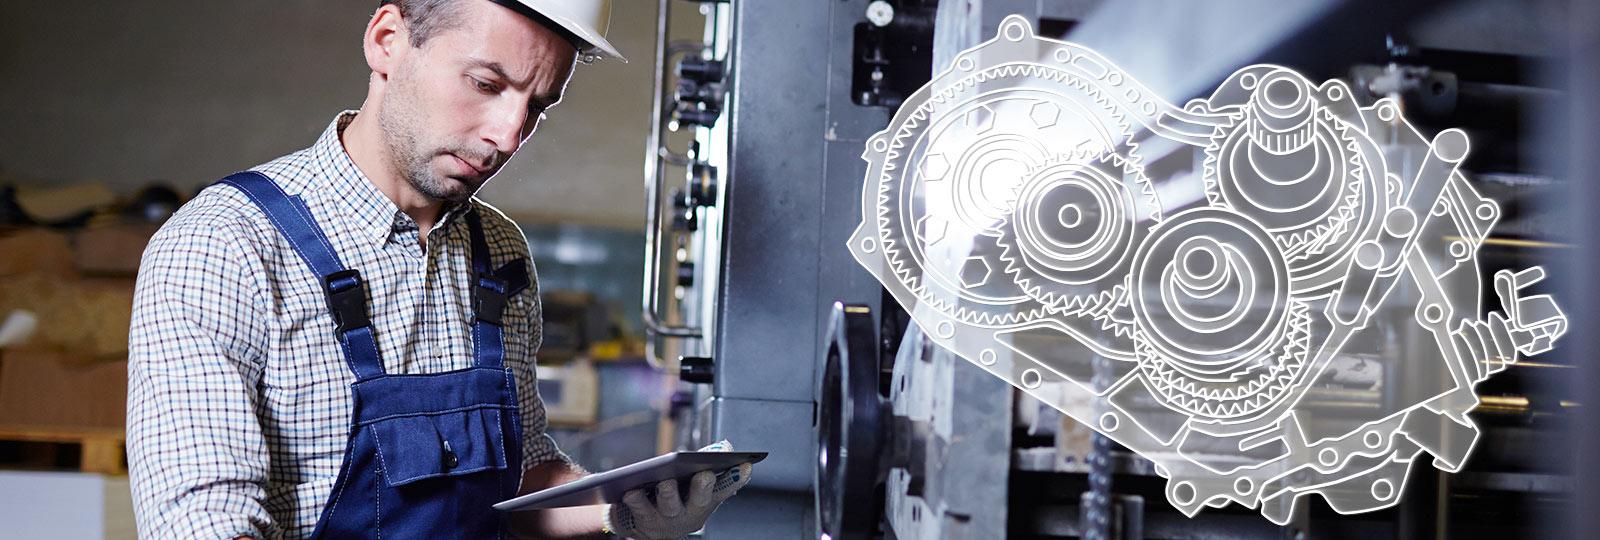 Mitarbeiter bei der Betrachtung von Maschinenbauteilen mit komplexer Geometrie